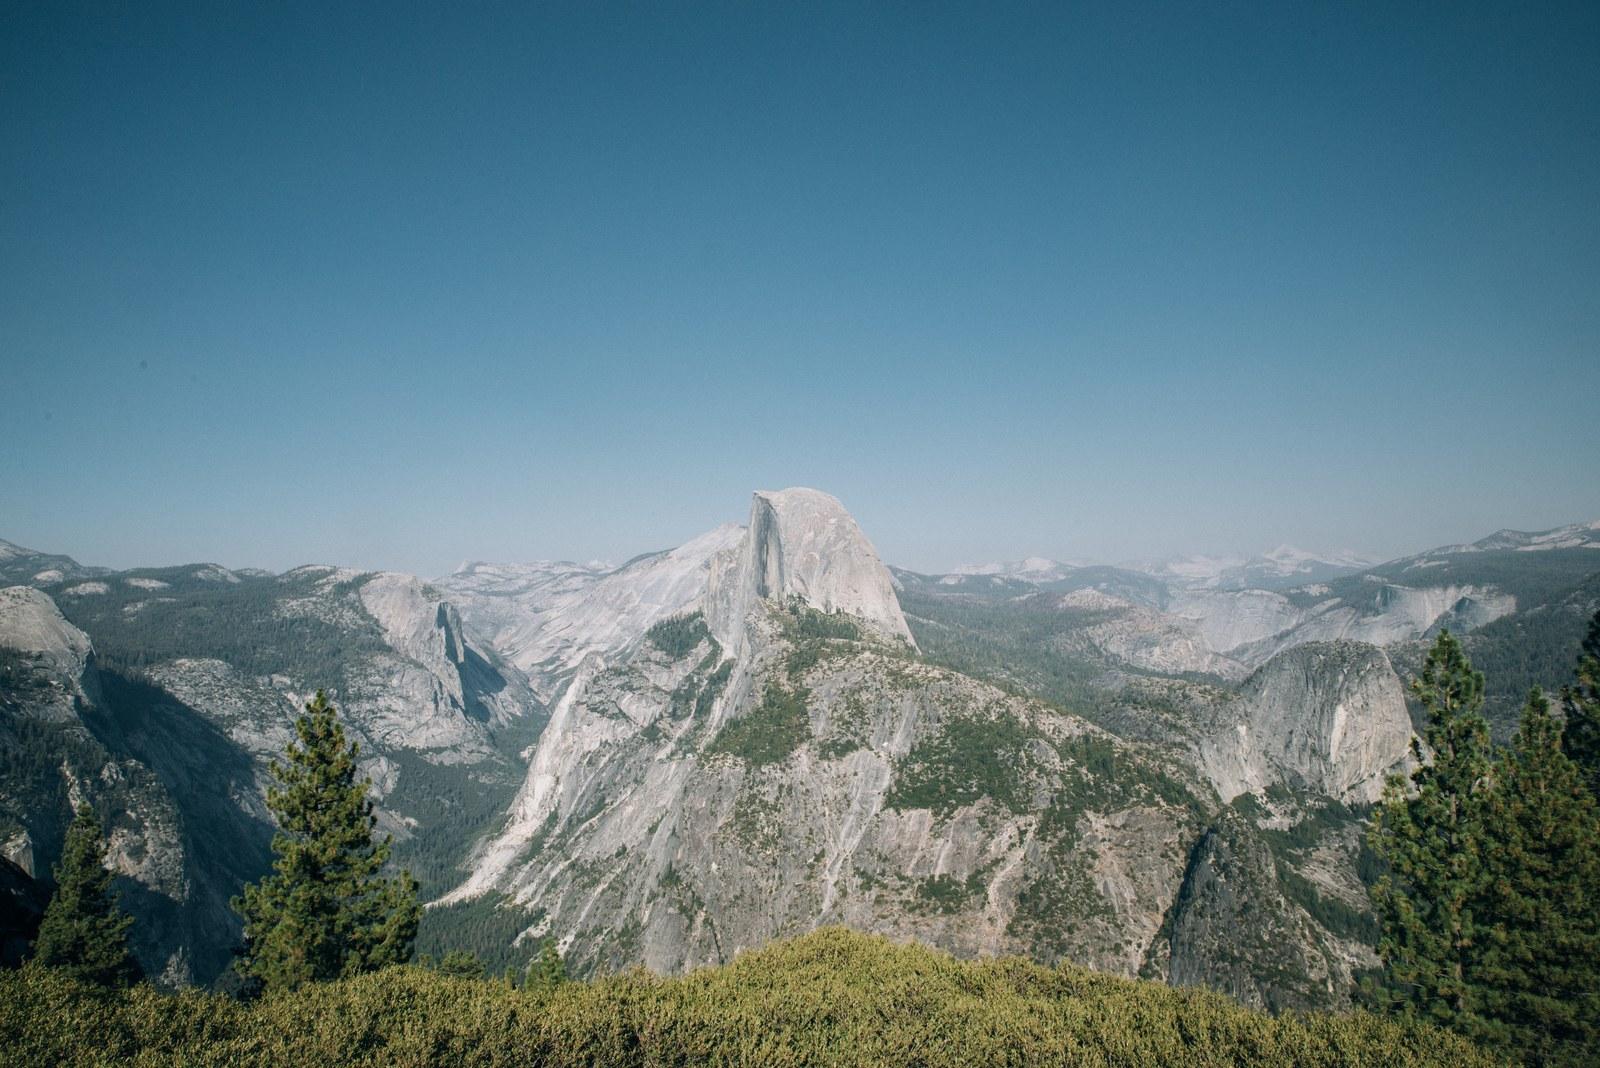 Half Rome depuis Glacier Point Yosemite